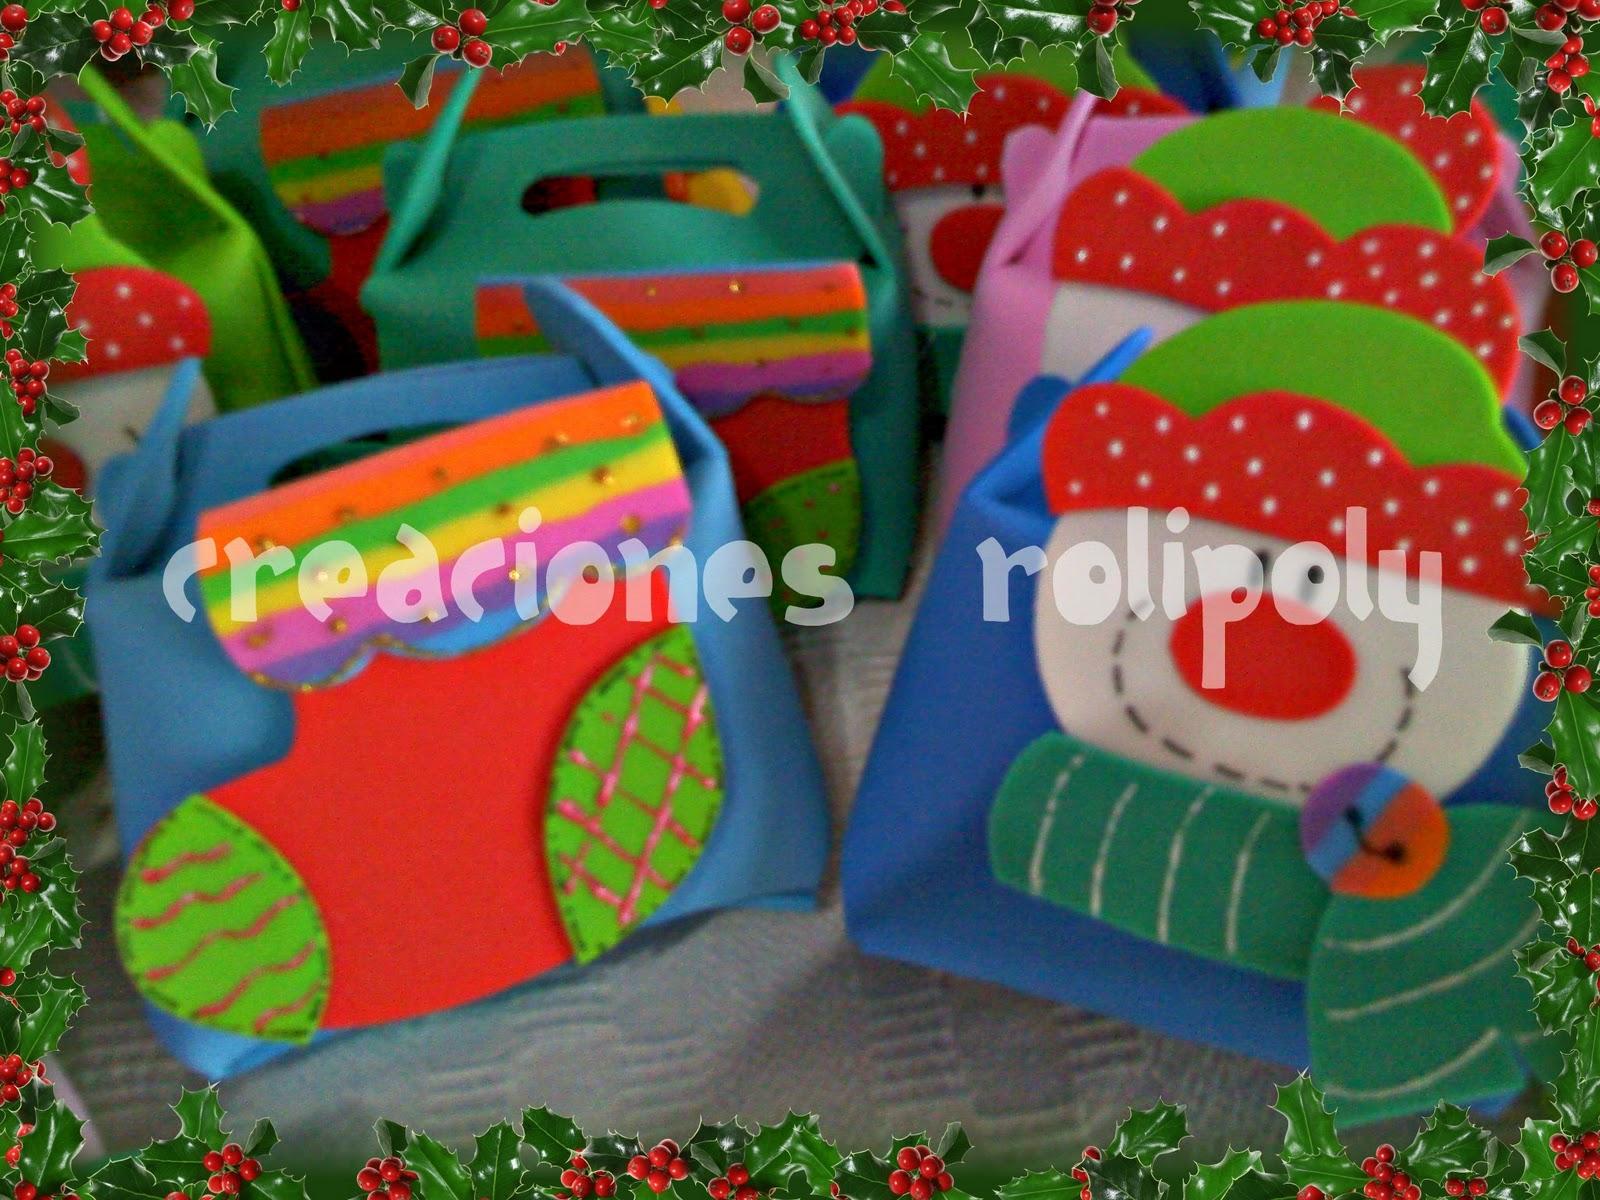 Creaciones rolipoly cajitas golosineros con adornos navide os for Manualidades souvenirs navidenos